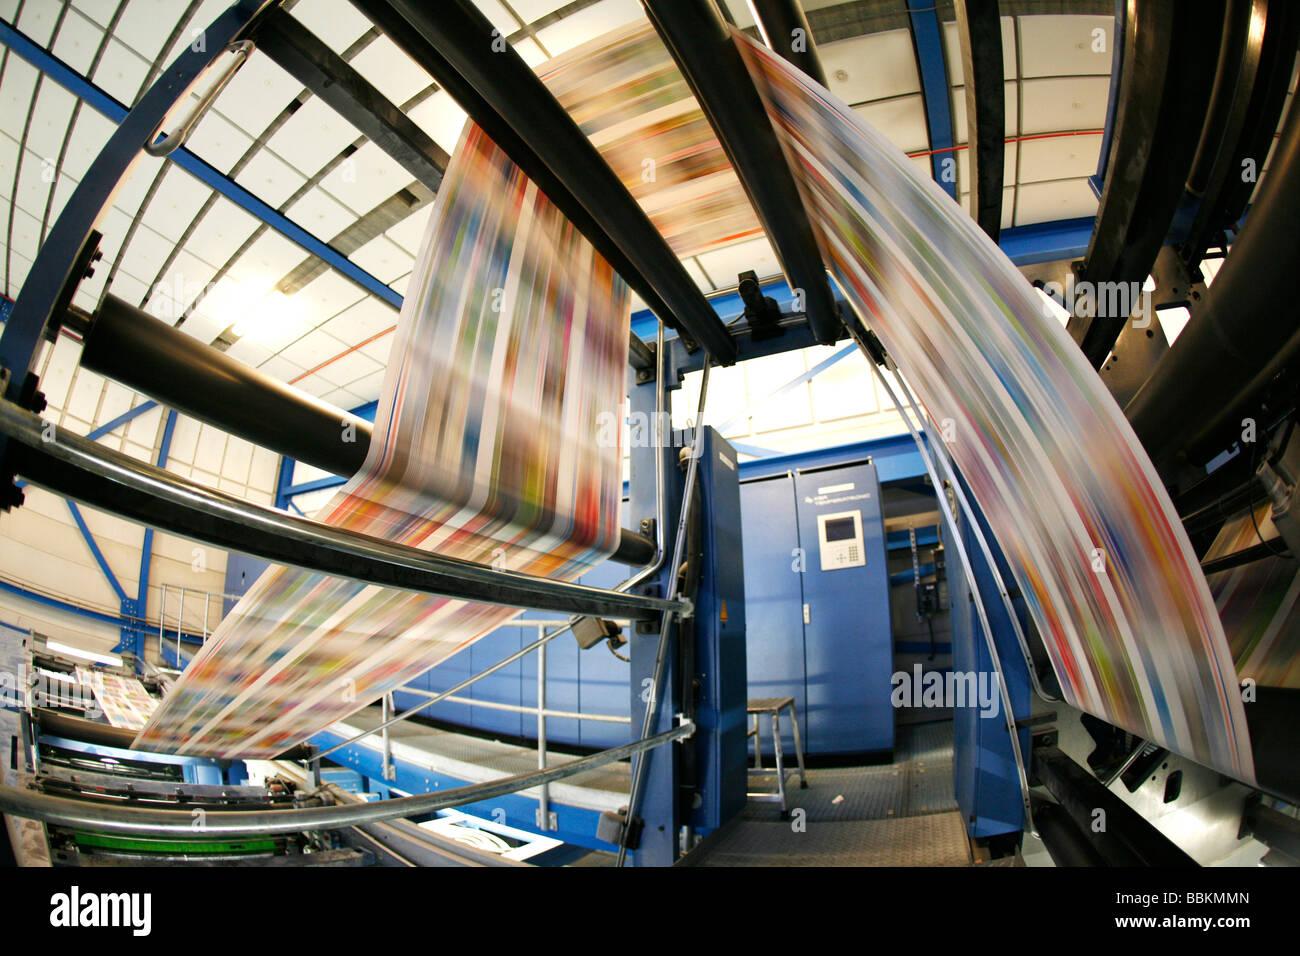 Impresión offset Dijkman esta empresa imprime el Financieel Dagblad Dutch kidsweek Financial Times y otros Imagen De Stock